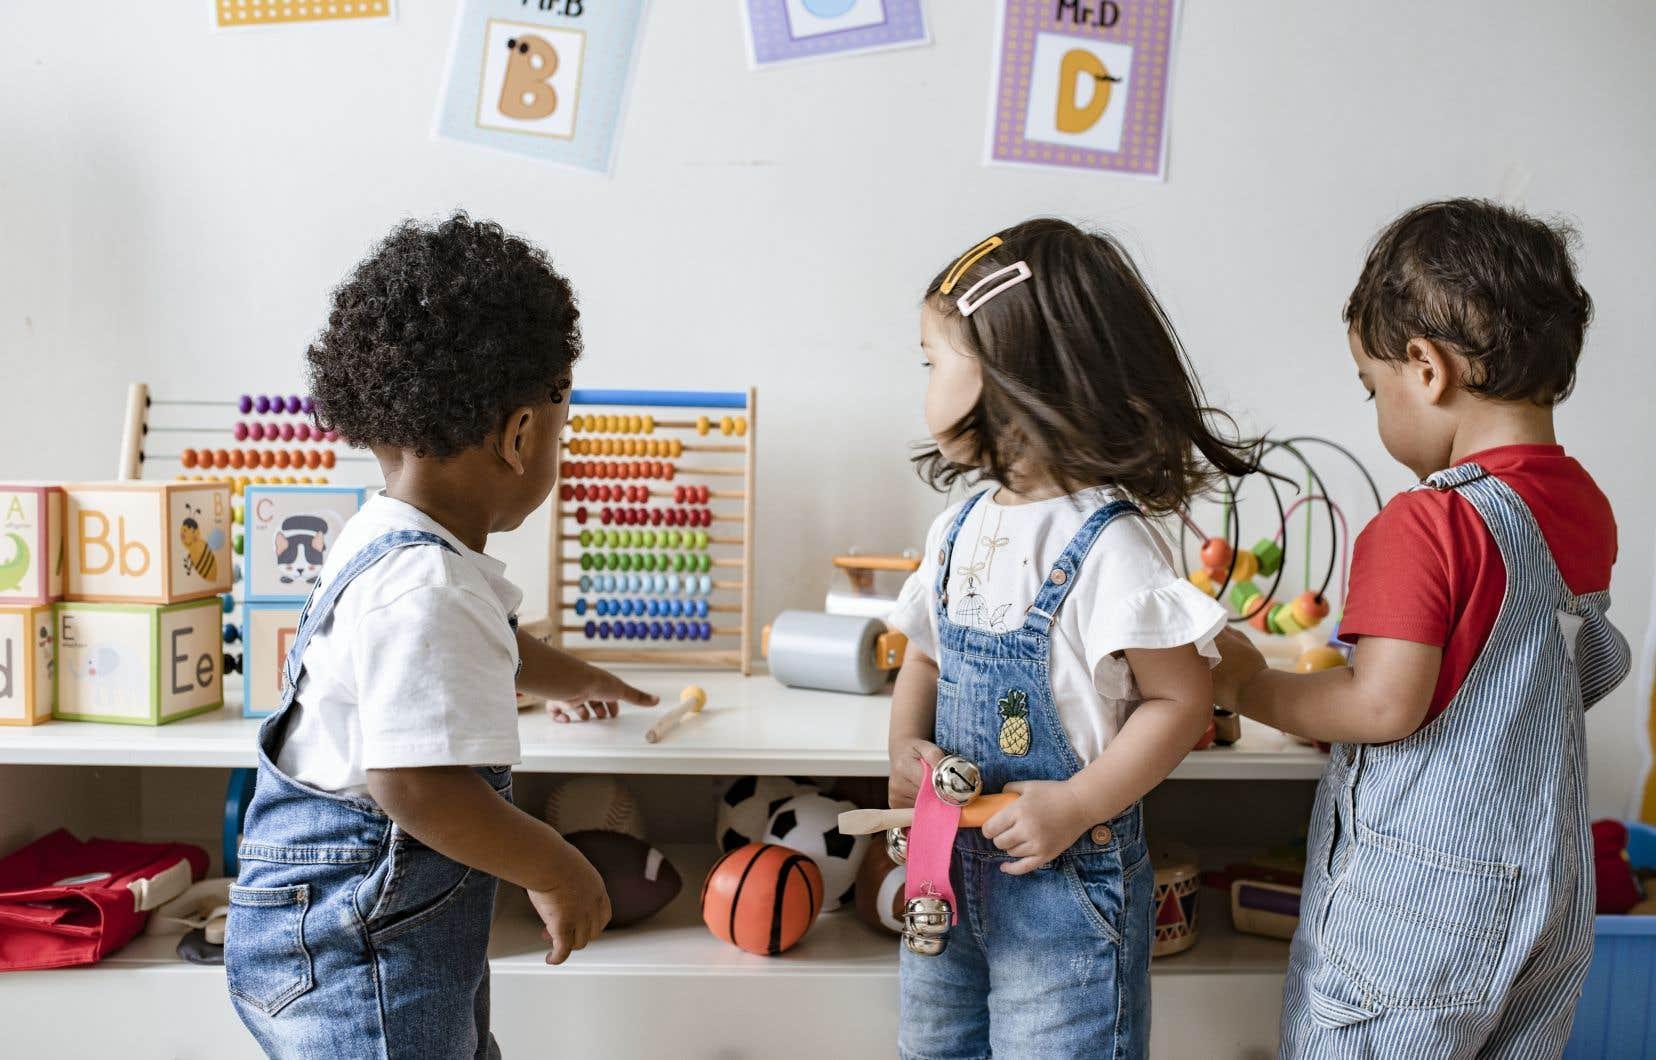 Des centaines d'enfants de trois à cinq ans présentant des troubles de langage ou de comportement sont privés des services de réadaptation auxquels ils ont droit.